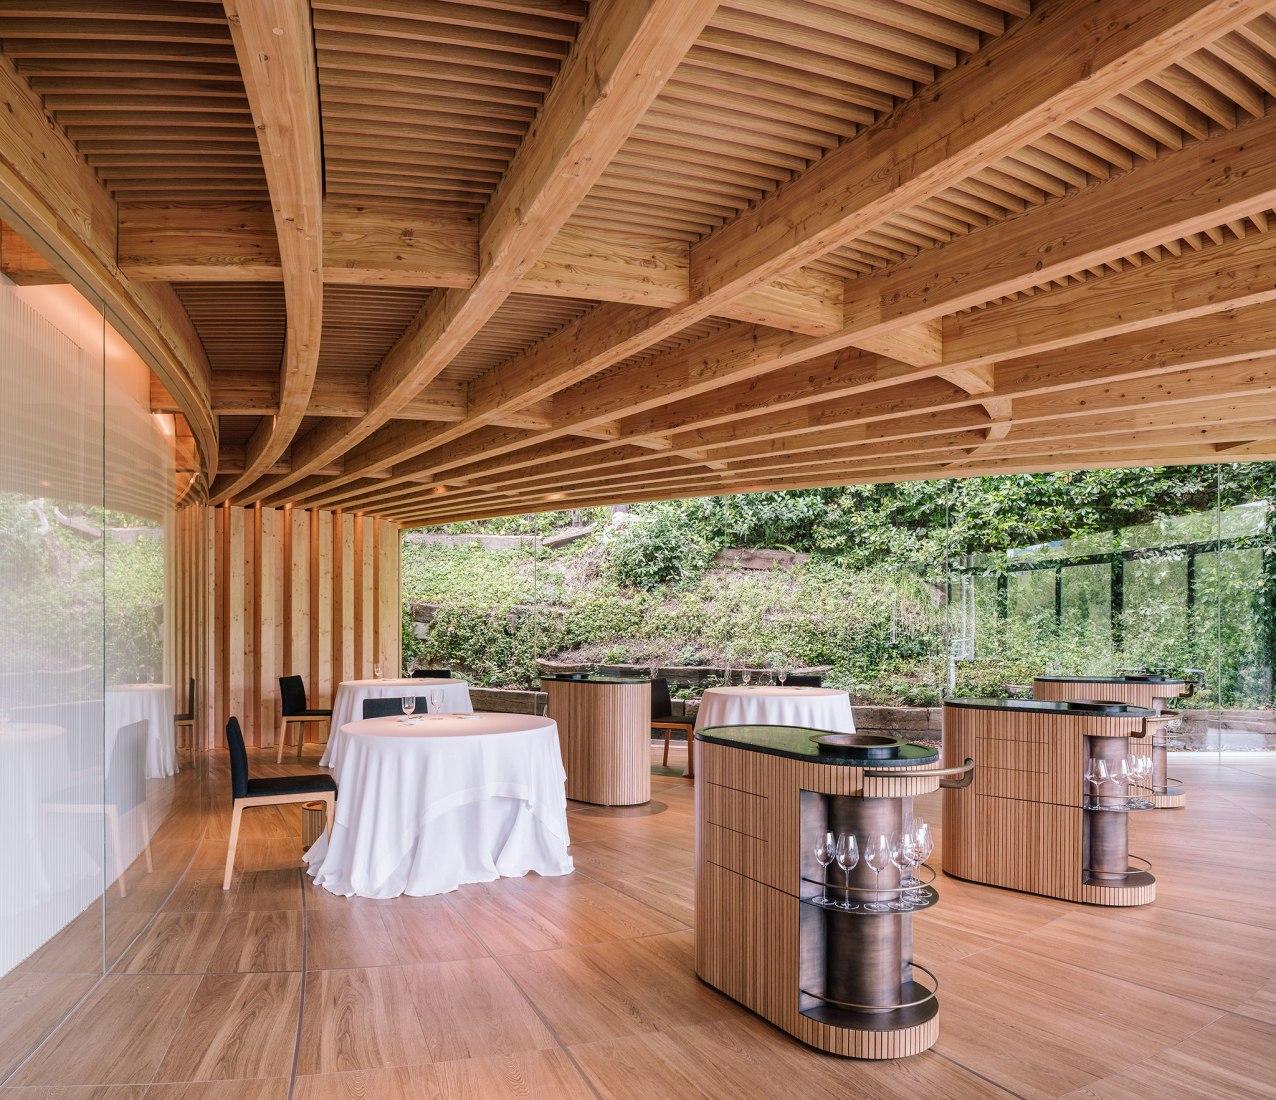 Restaurante Martín Berasategui por mecanismo. Fotografía por Miguel de Guzmán y Rocío Romero. Imagen subliminal